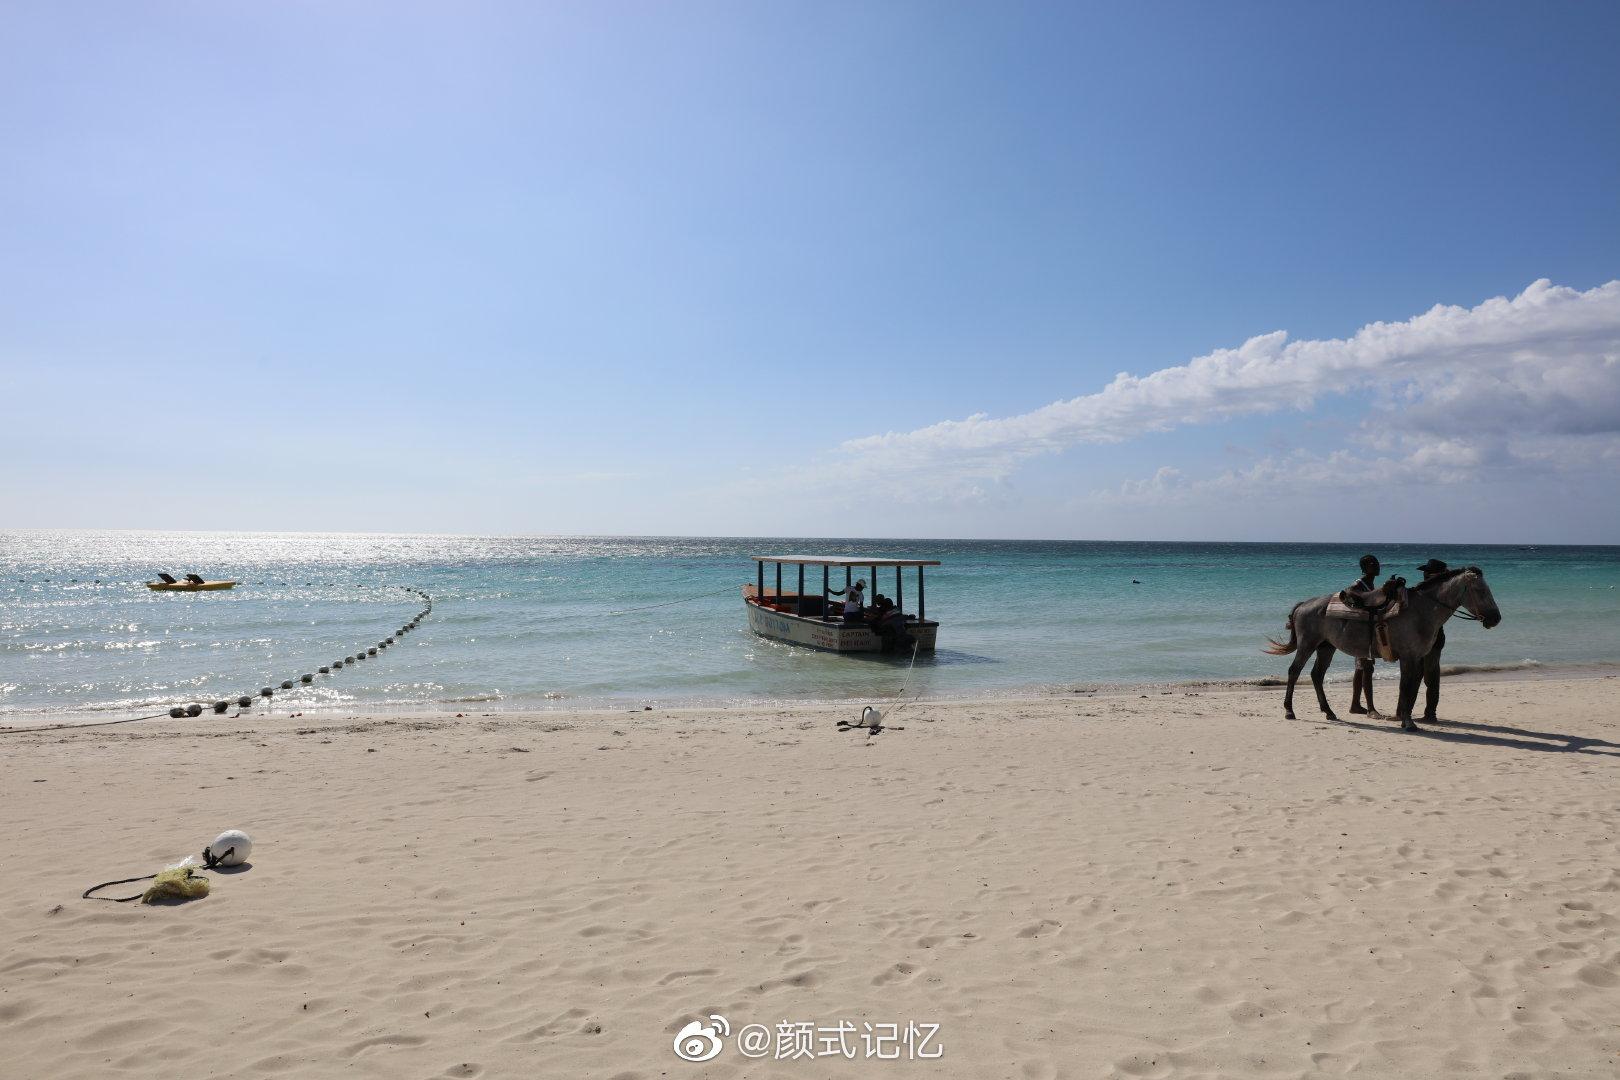 赏海一一沿海岸再往北约半小时,到一海岸度假酒店,沙滩真的美